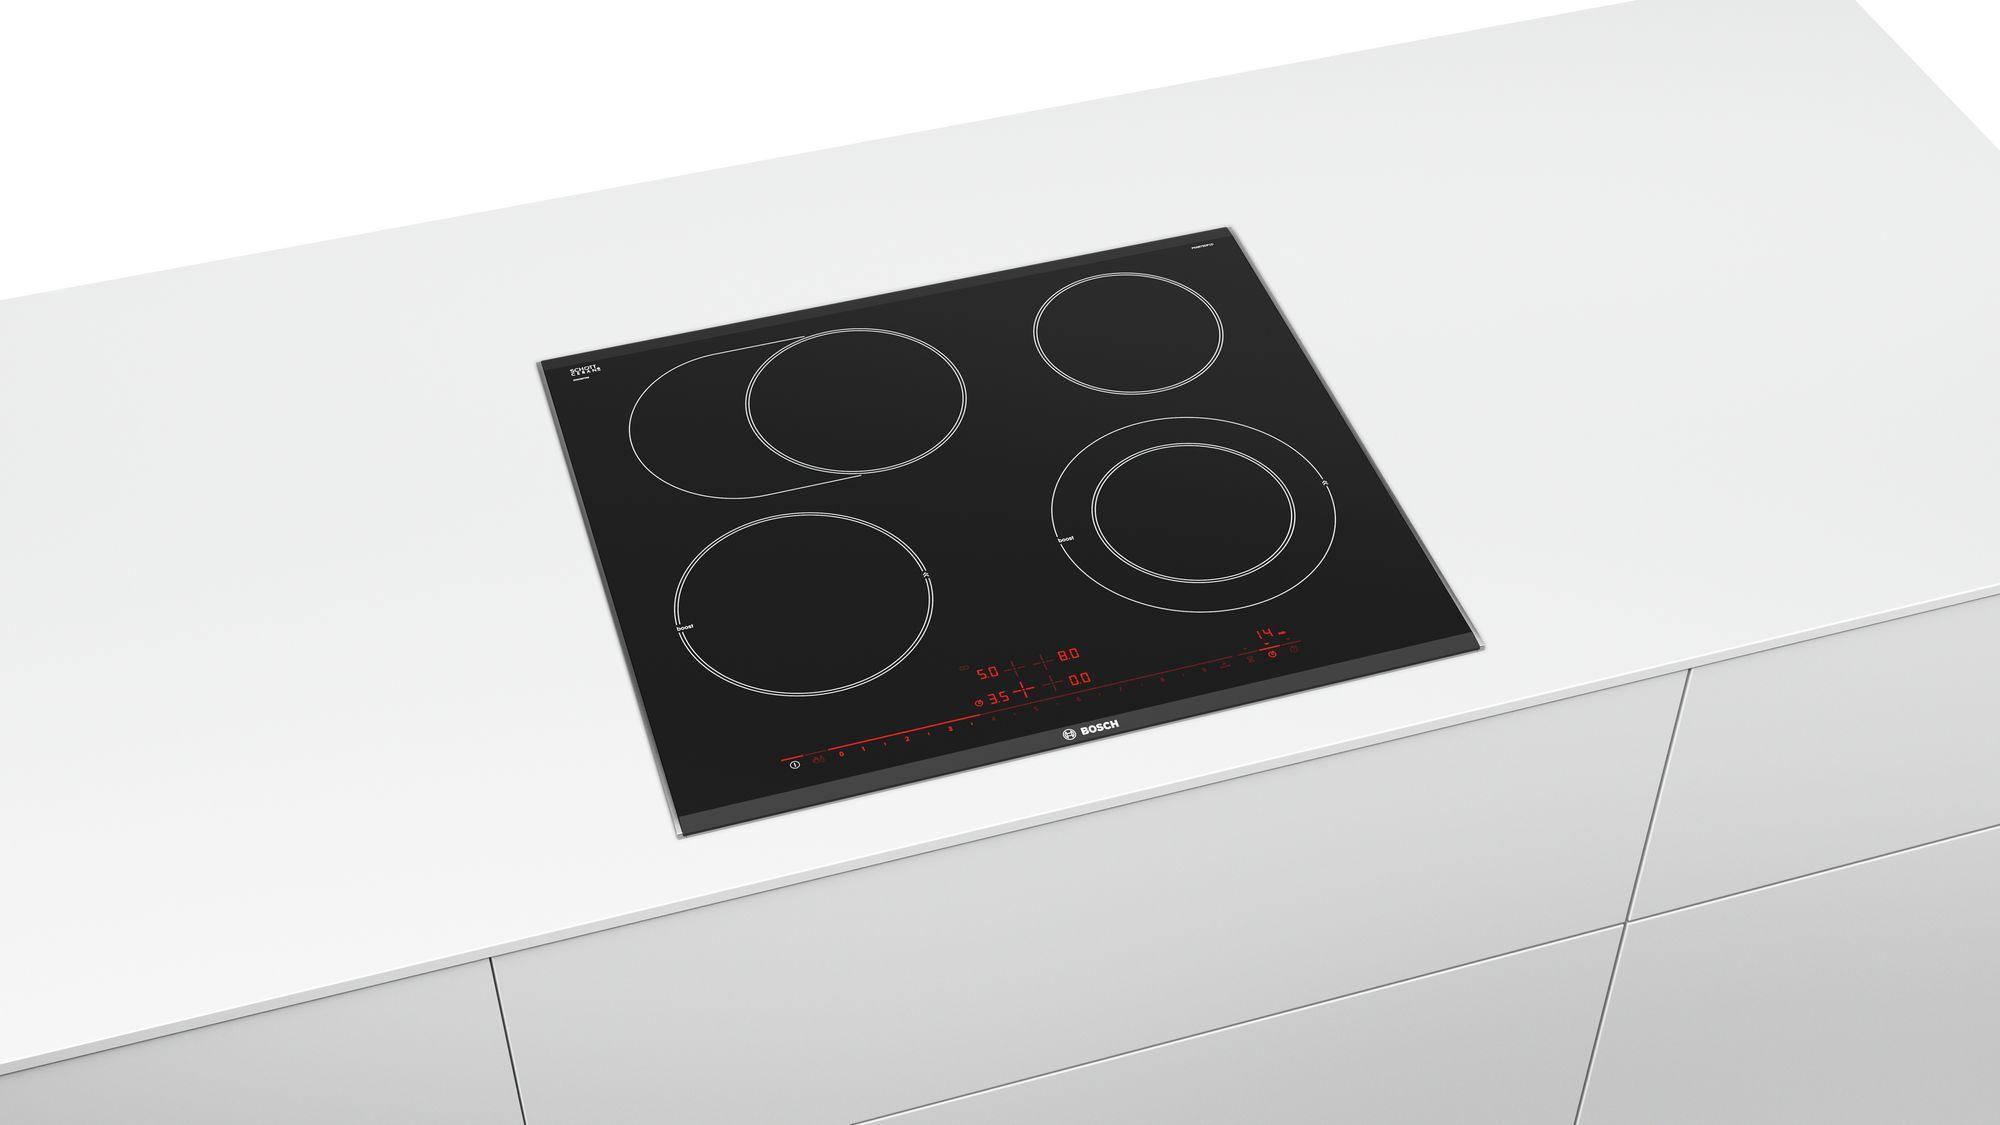 Serie | 8 staklokeramička ploča za kuvanje, 60 cm